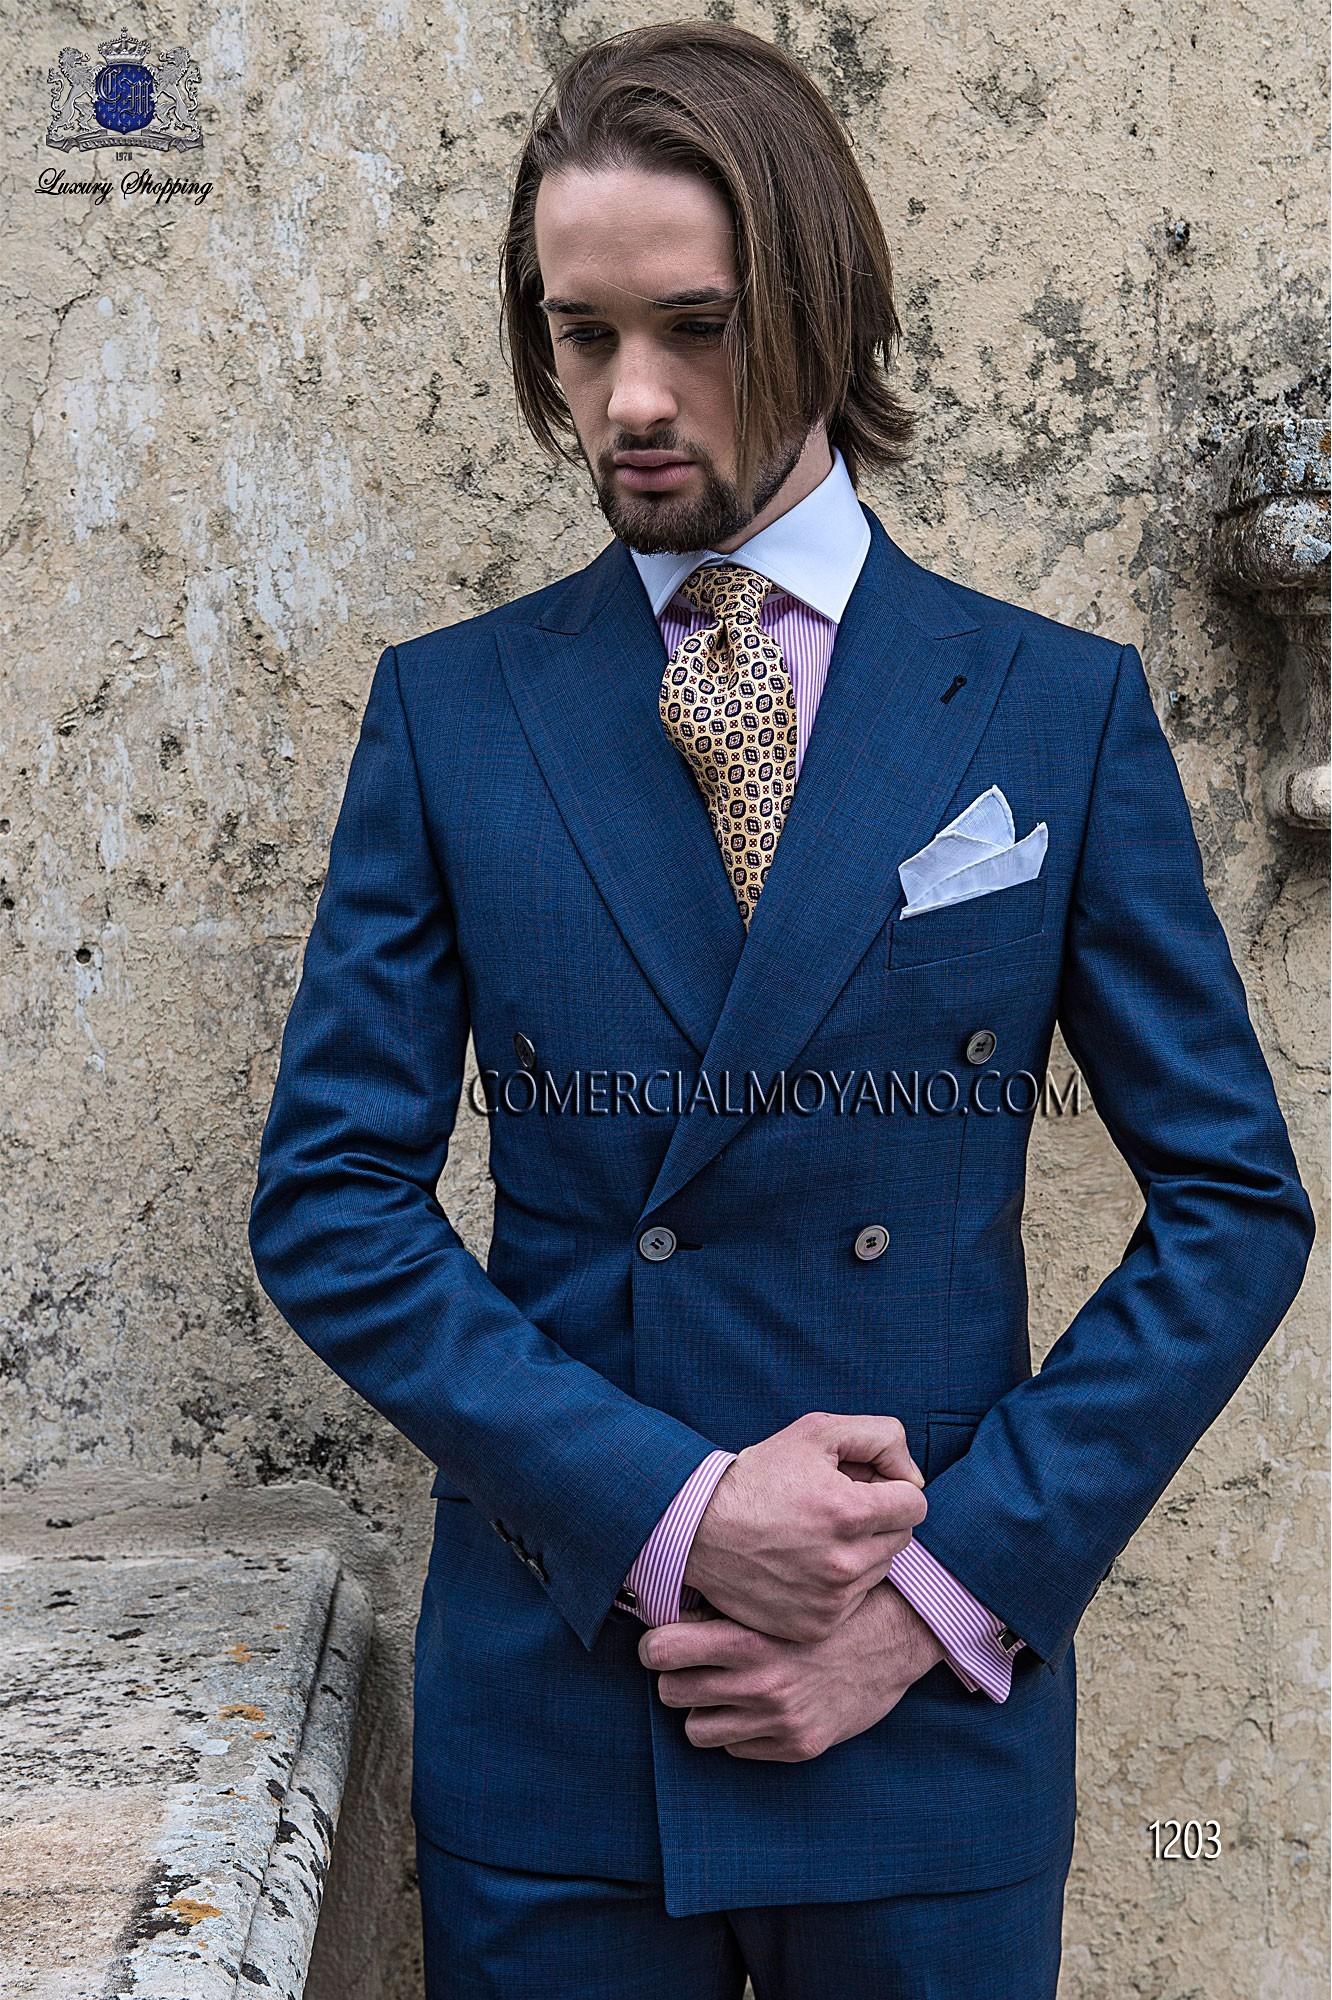 Traje de novio italiano azul modelo: 1203 Ottavio Nuccio Gala colección Gentleman